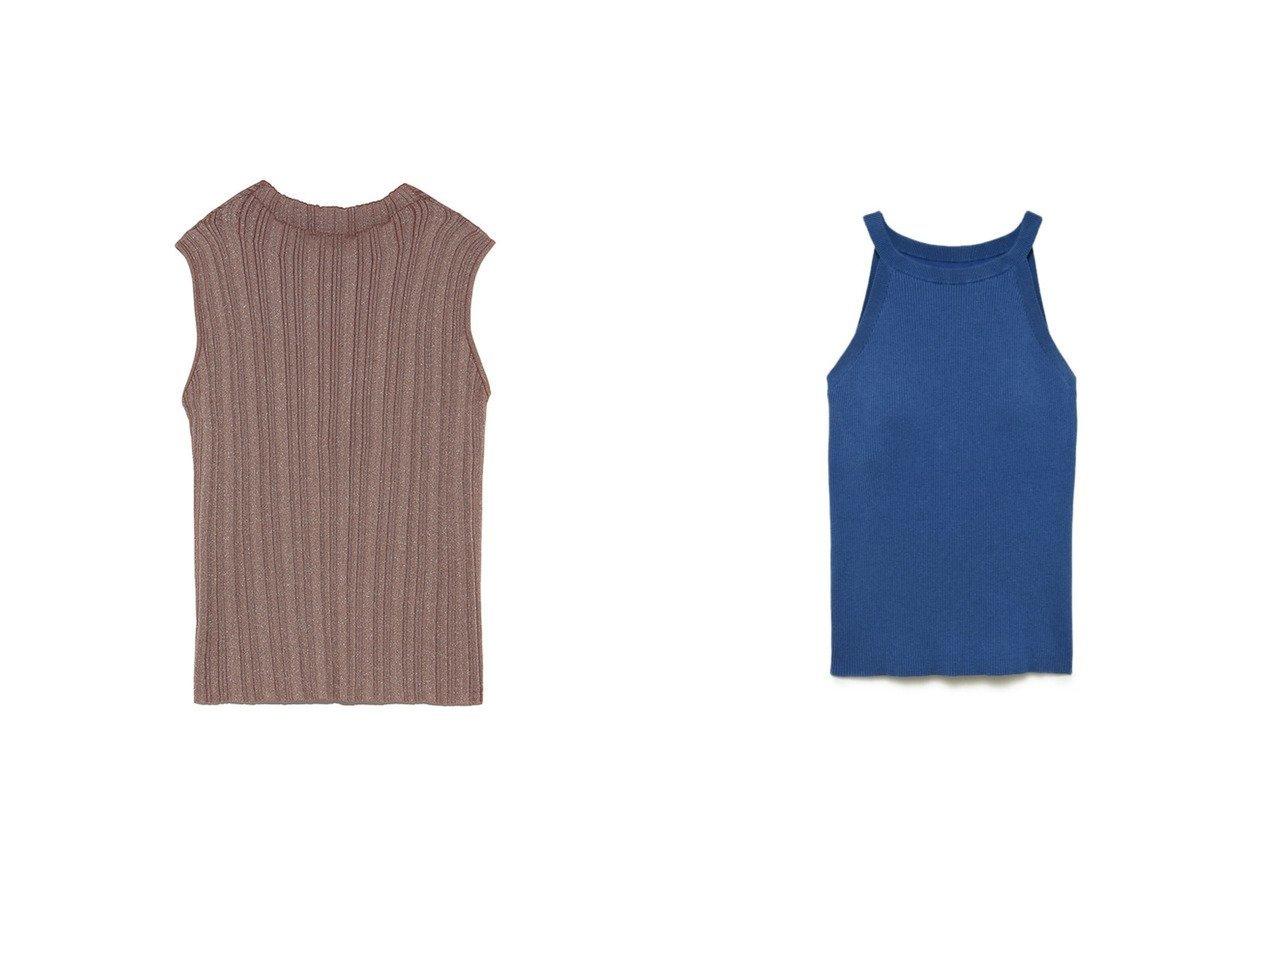 【SNIDEL/スナイデル】のノースリランダムリブニットプルオーバー&アメスリカップインリブニットプルオーバー トップス・カットソーのおすすめ!人気、トレンド・レディースファッションの通販  おすすめで人気の流行・トレンド、ファッションの通販商品 メンズファッション・キッズファッション・インテリア・家具・レディースファッション・服の通販 founy(ファニー) https://founy.com/ ファッション Fashion レディースファッション WOMEN トップス Tops Tshirt ニット Knit Tops プルオーバー Pullover アンサンブル カーディガン スタンド ノースリーブ バランス プリーツ ラベンダー インナー 春 Spring スマート セットアップ 2020年 2020 S/S 春夏 SS Spring/Summer 2020 春夏 S/S SS Spring/Summer 2020  ID:crp329100000014389